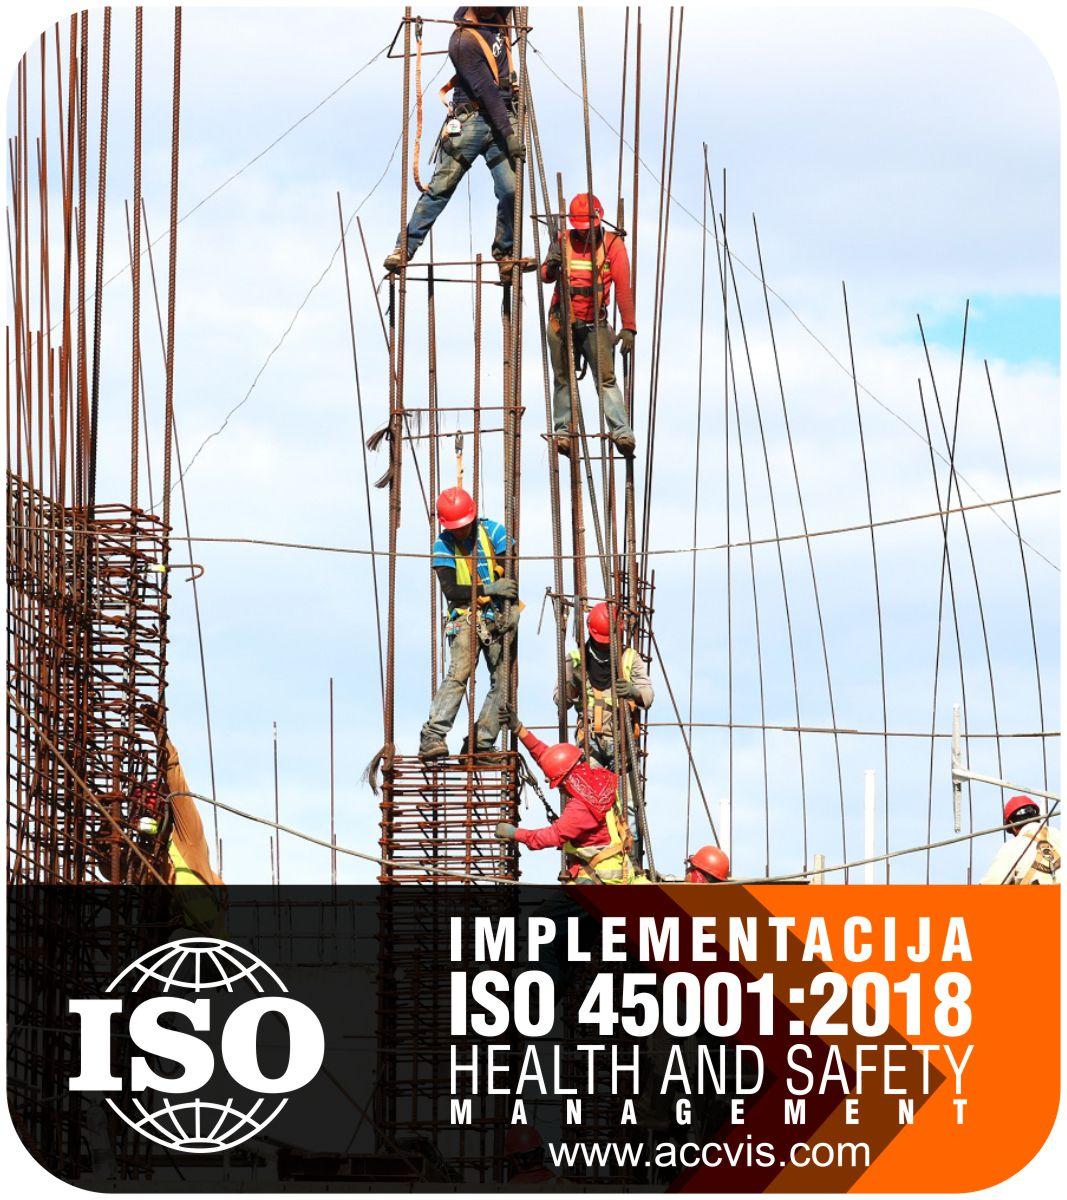 Uvodjenje standarda ISO 45001:2018